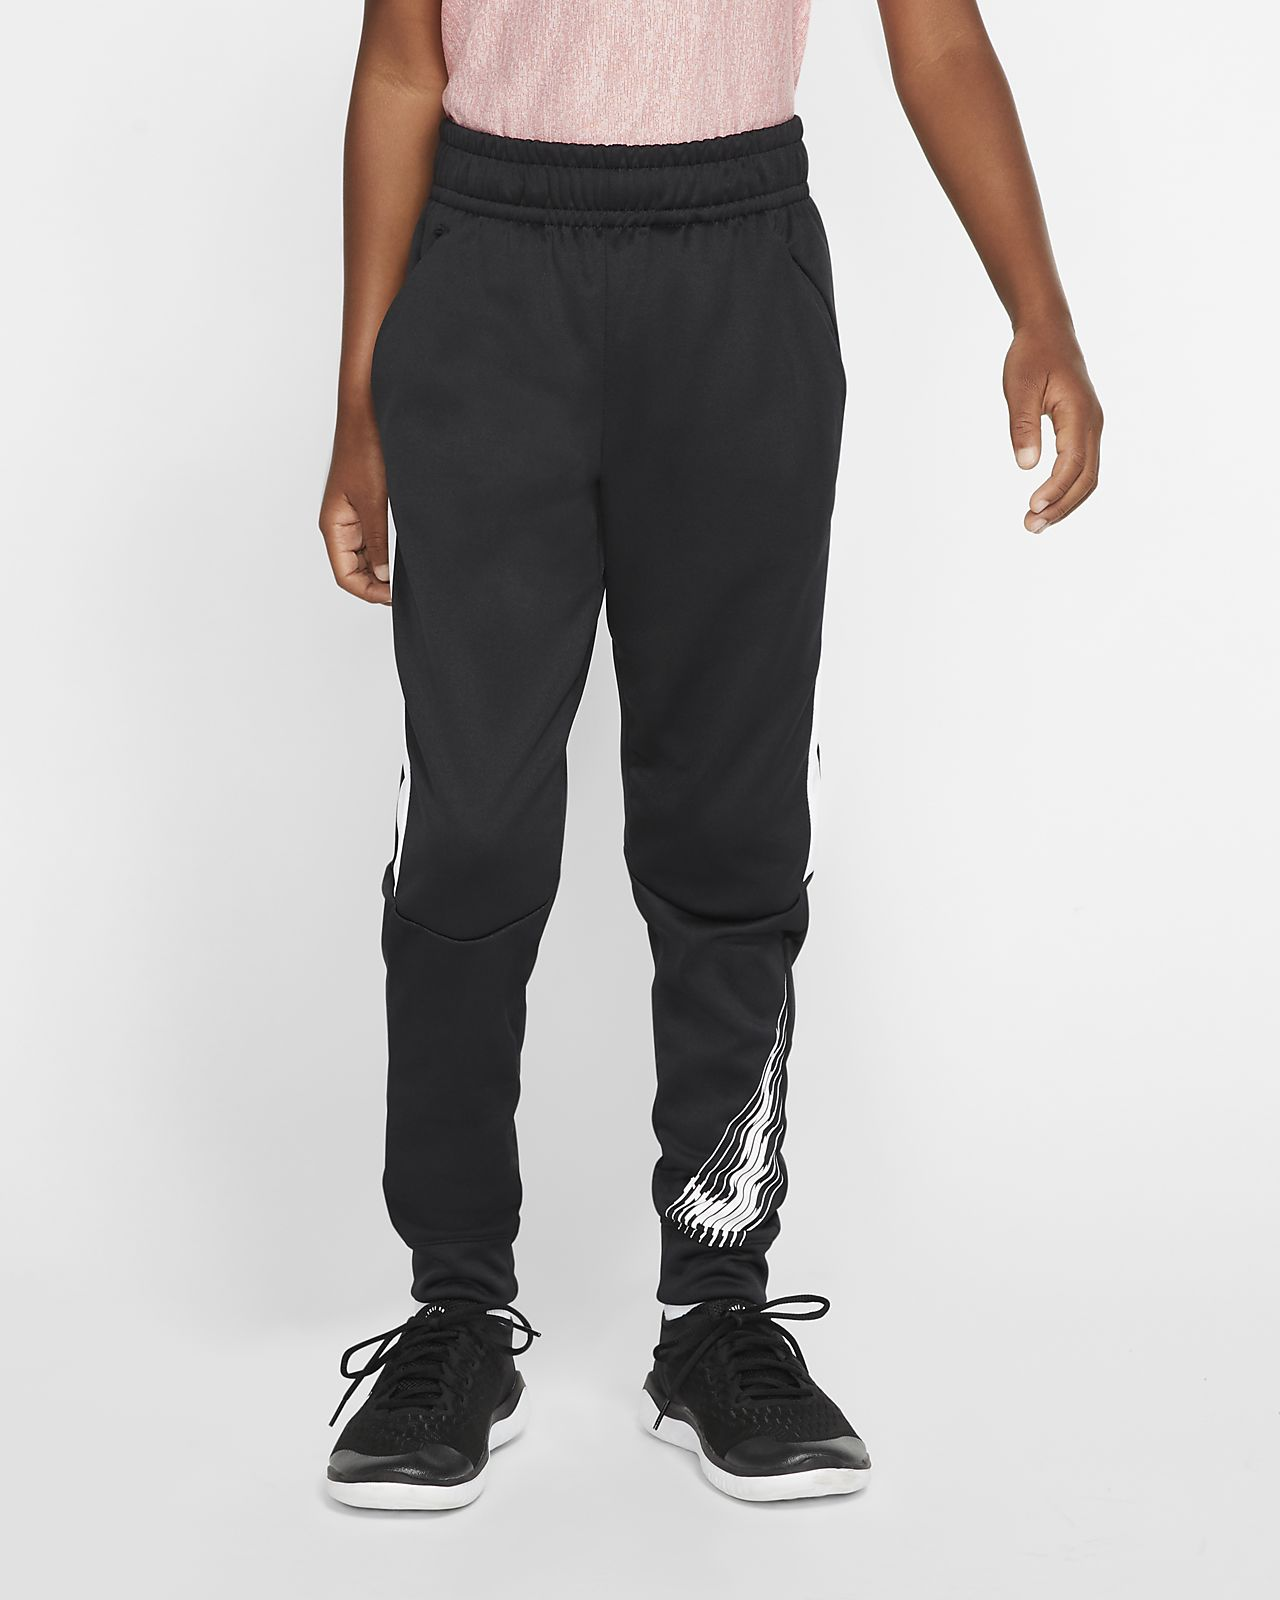 Pantaloni da training affusolati con grafica Nike Therma - Ragazzo